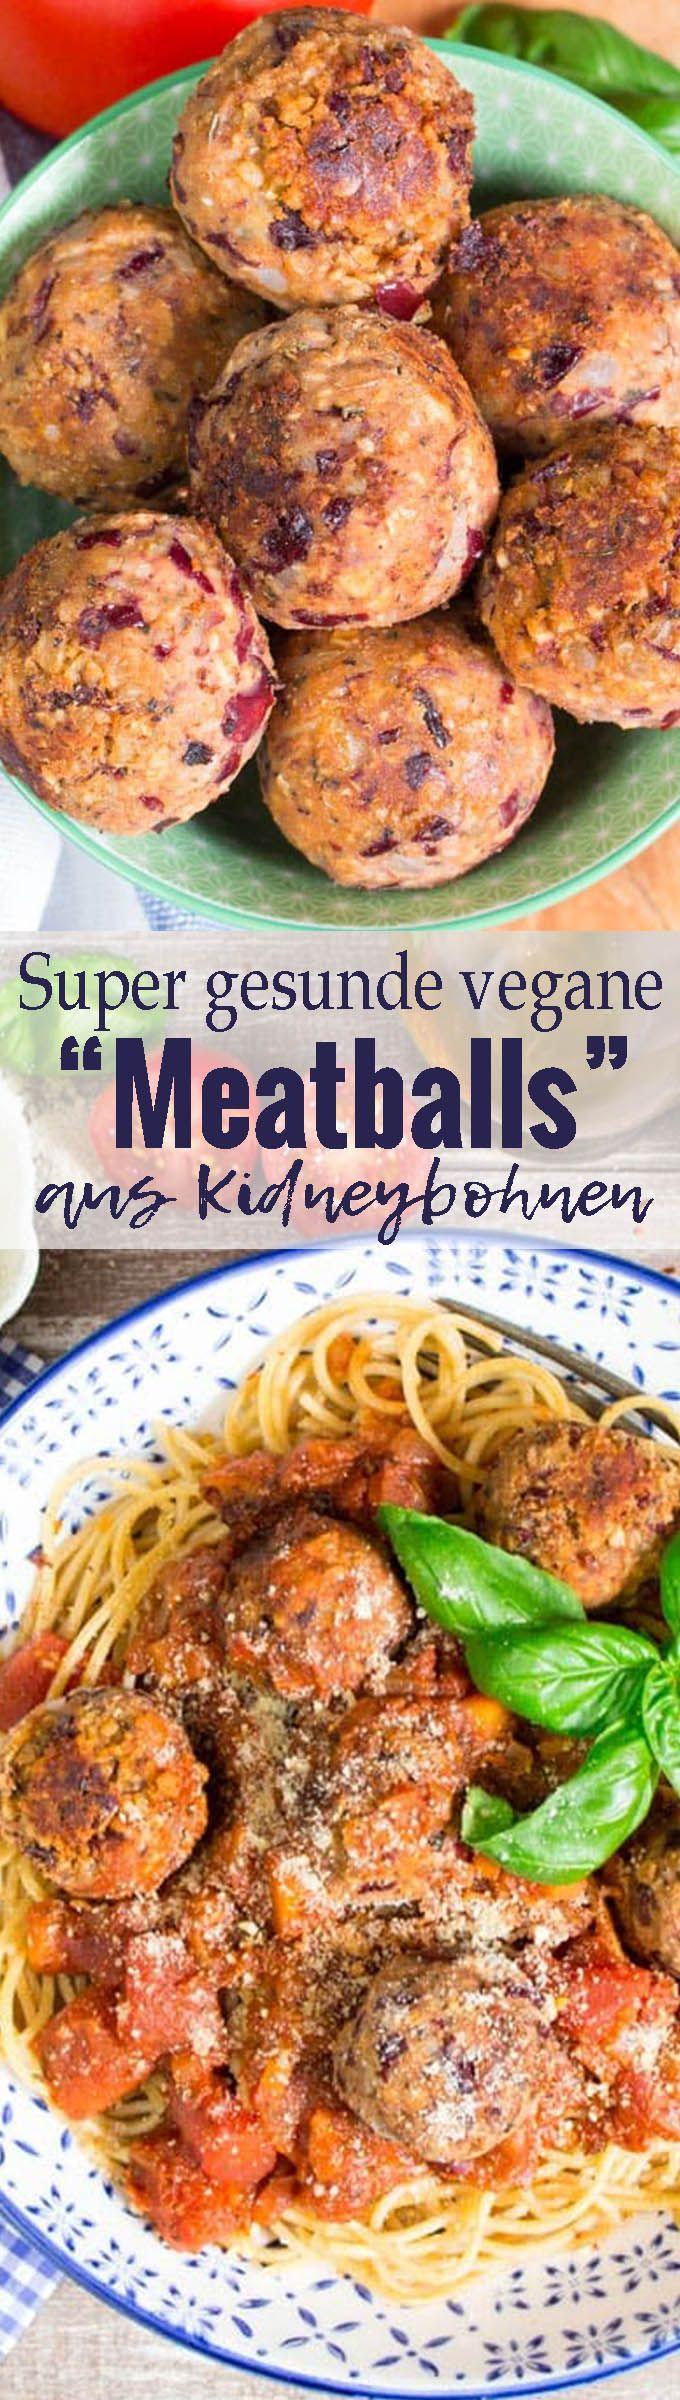 """Diese veganen """"Meatballs"""" aus Kidneybohnen und Sonnenblumenkernen sind nicht nur sehr schnell zubereitet, sondern sie sind auch super gesund und sooo lecker! Eines meiner Lieblingsgerichte. Mehr vegetarische Rezepte findet ihr auf veganheaven.de <3"""